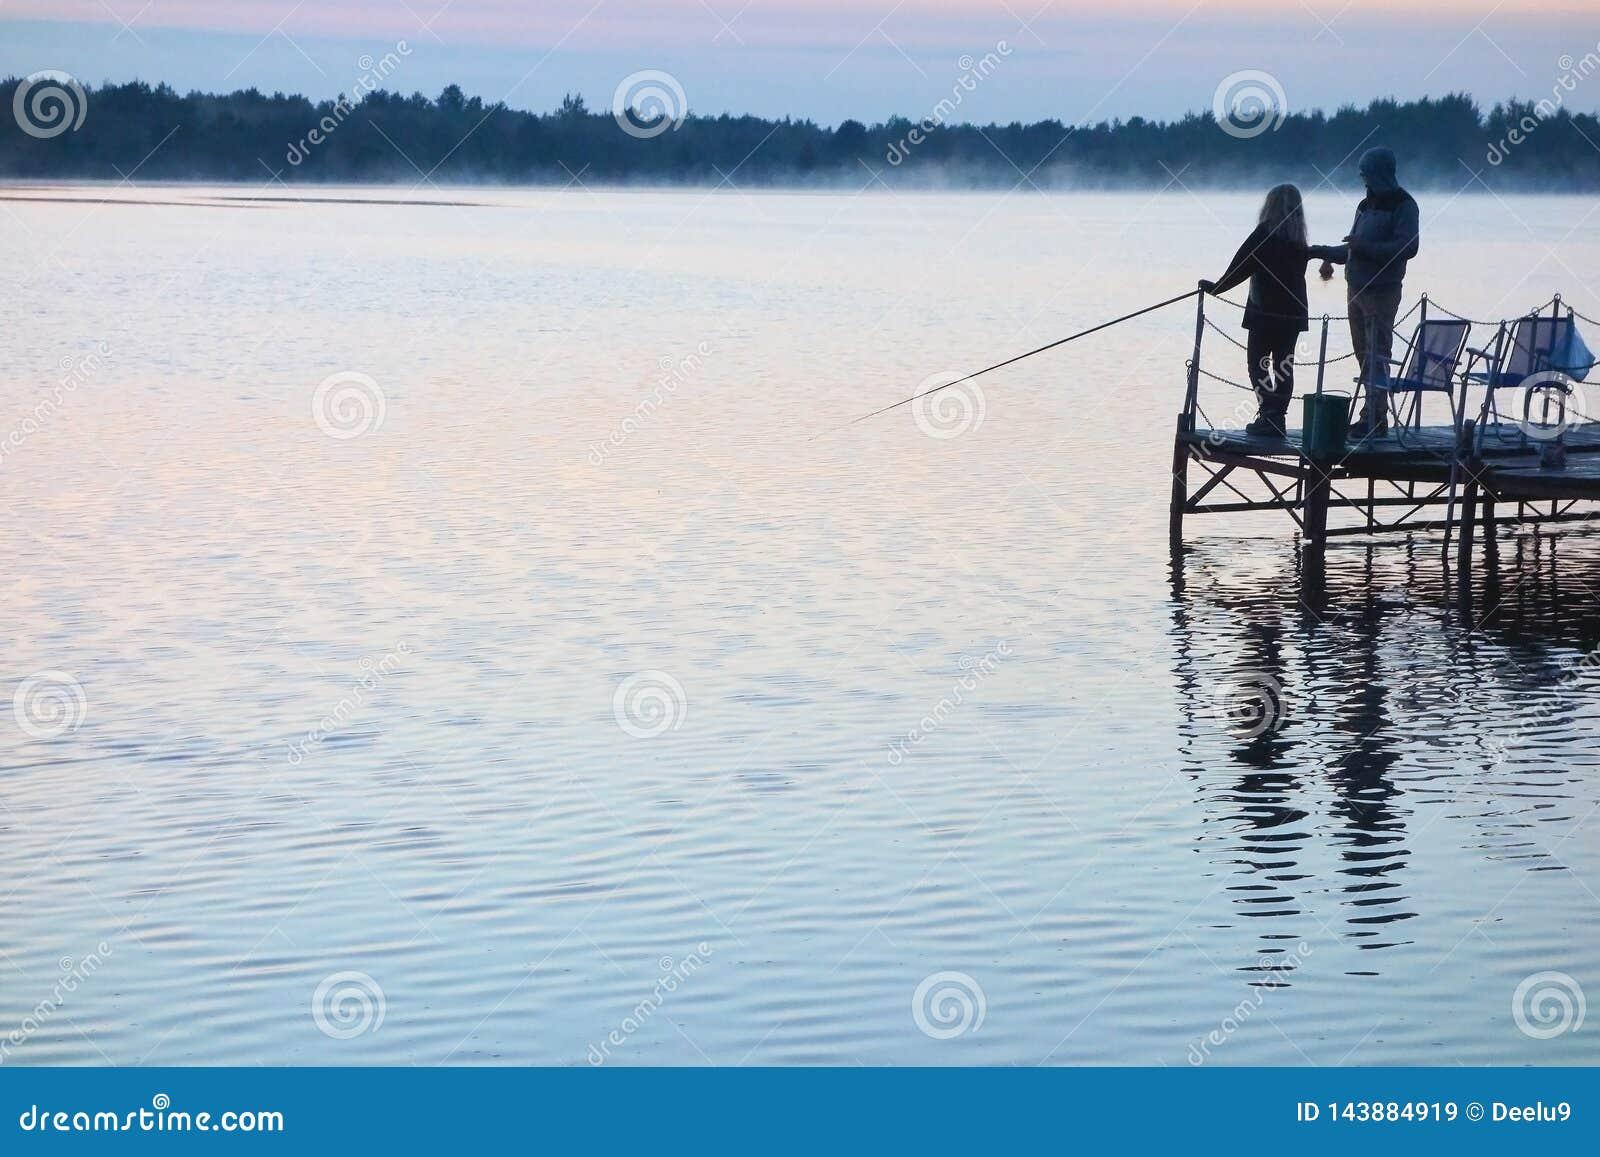 Angler with a girl fishing at a lake at sunset